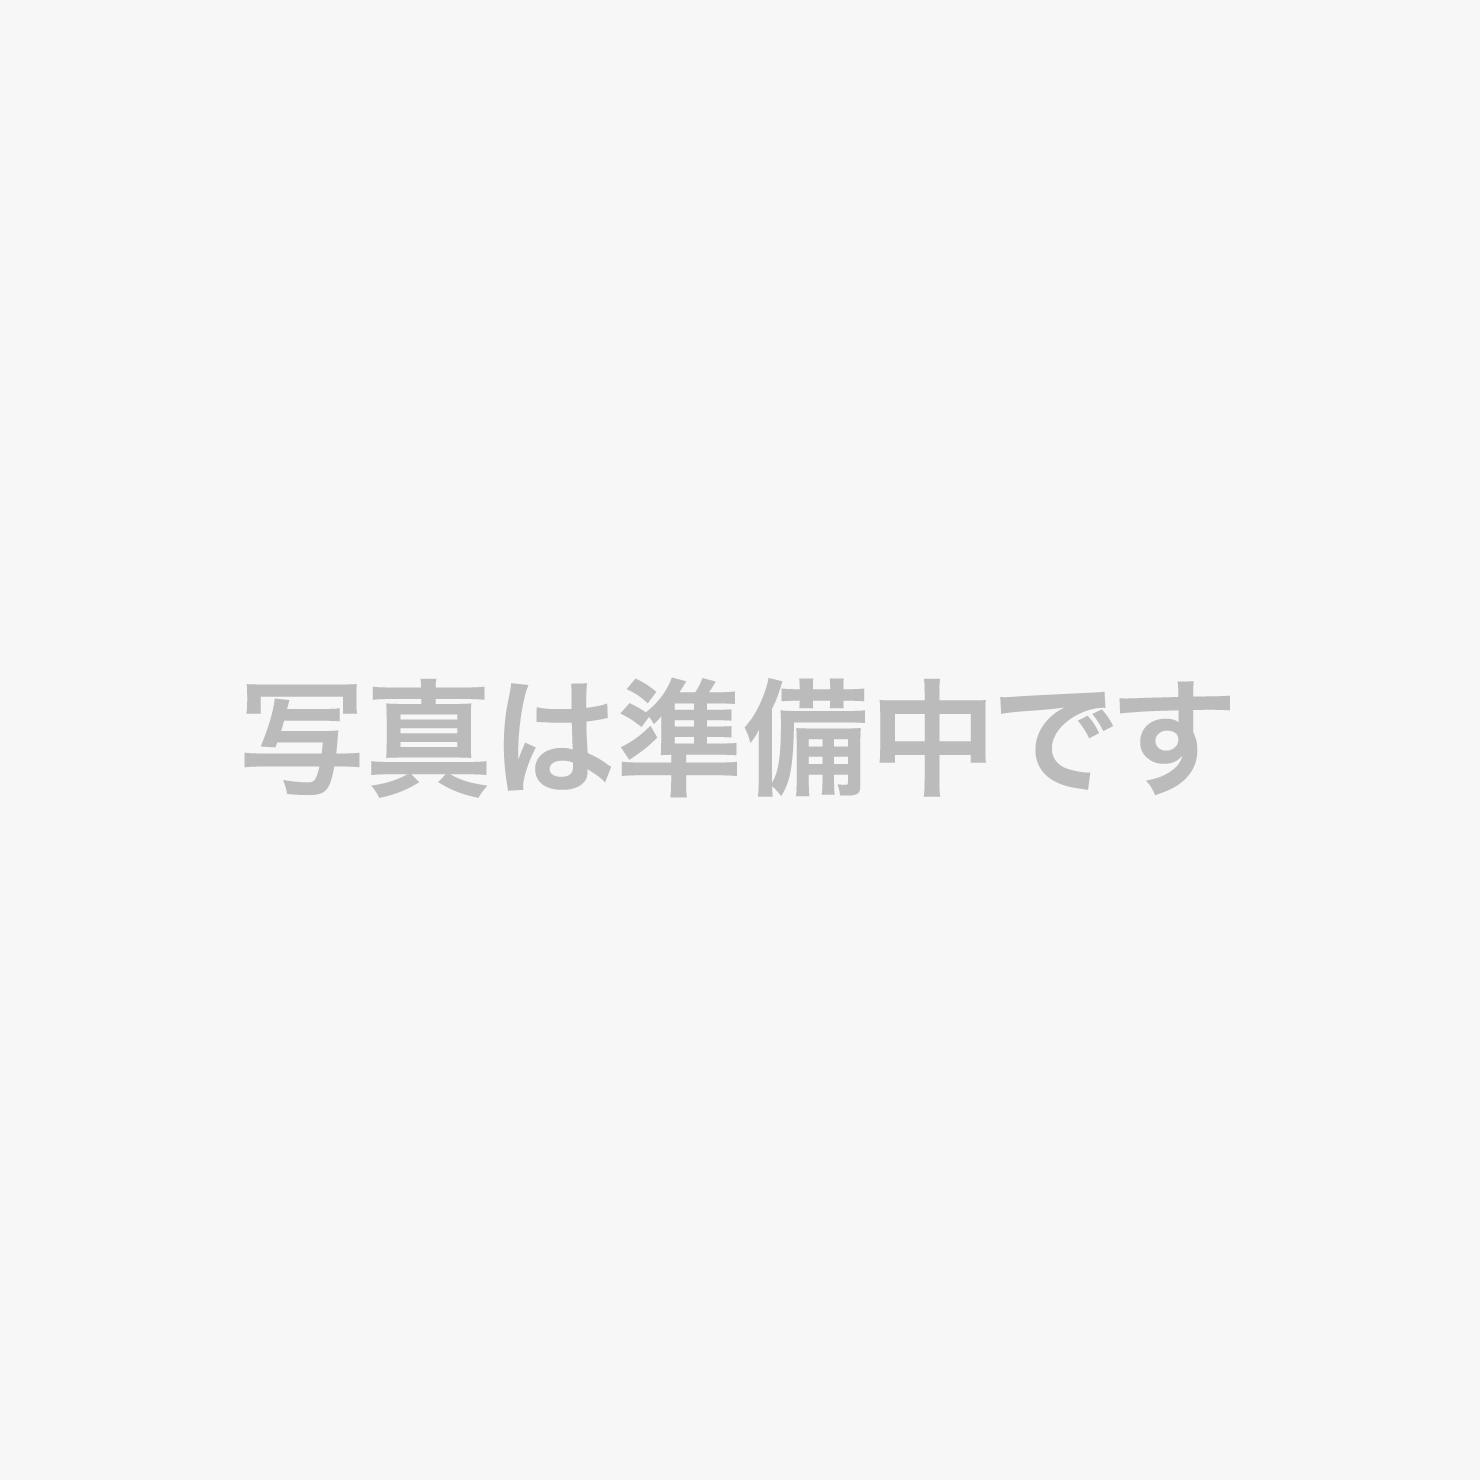 """東京ディズニーランド""""ディズニーホテル宿泊ゲスト専用エントランス""""のご案内(詳しくはディズニーホテル・オフィシャルウェブサイトをご覧ください。)"""